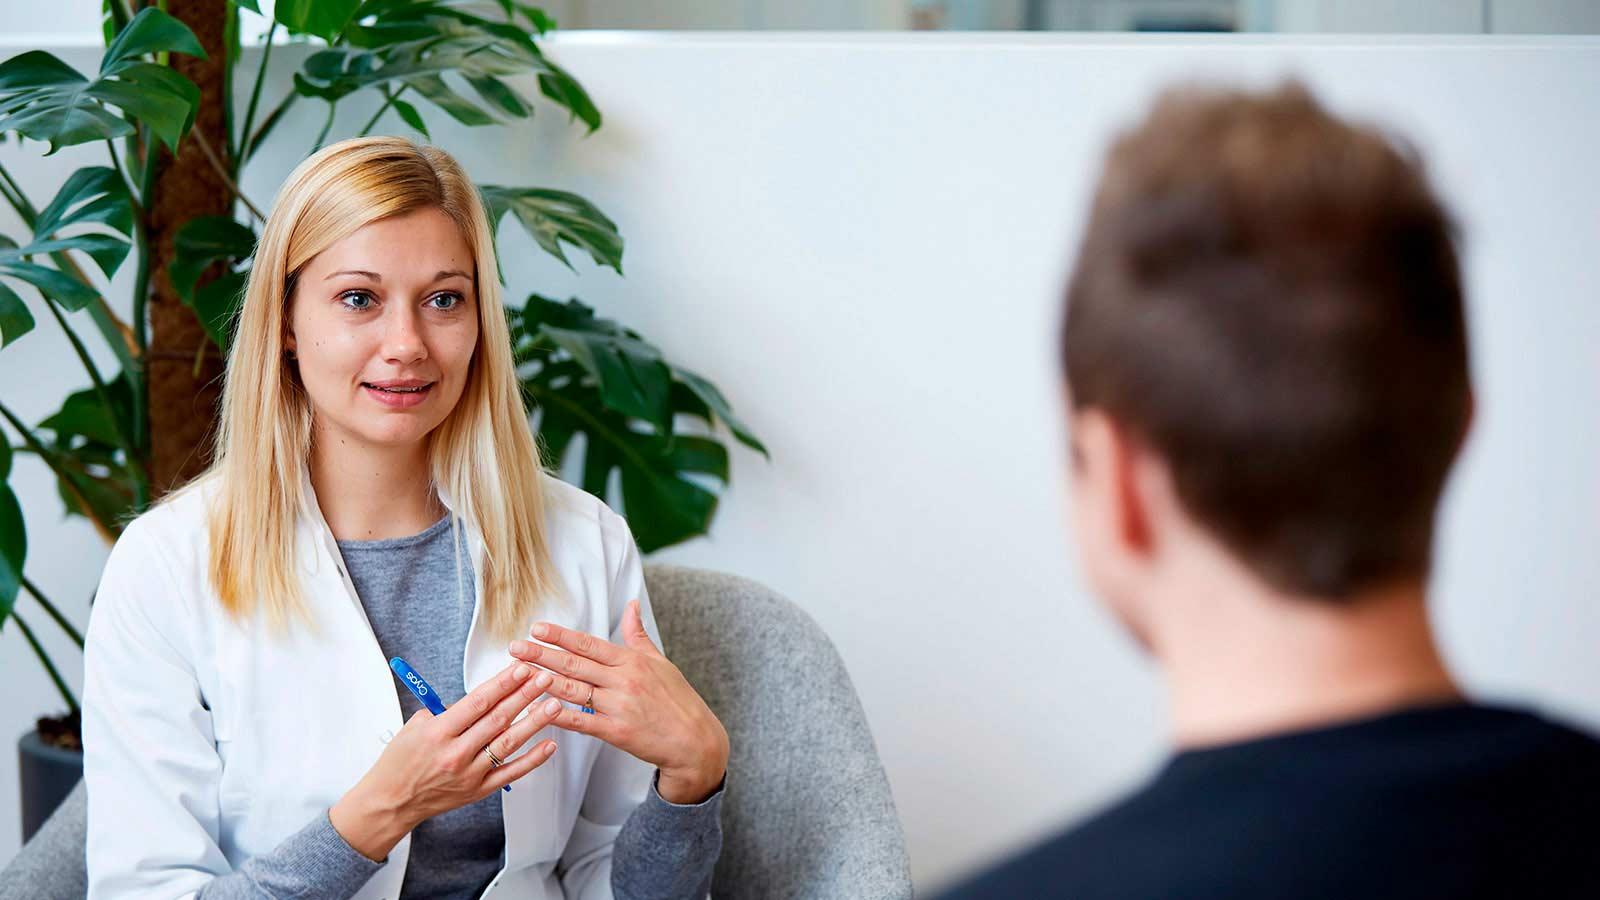 Sygeplejerske der taler med en Cryos donor om at være Non-ID Release eller ID Release donor